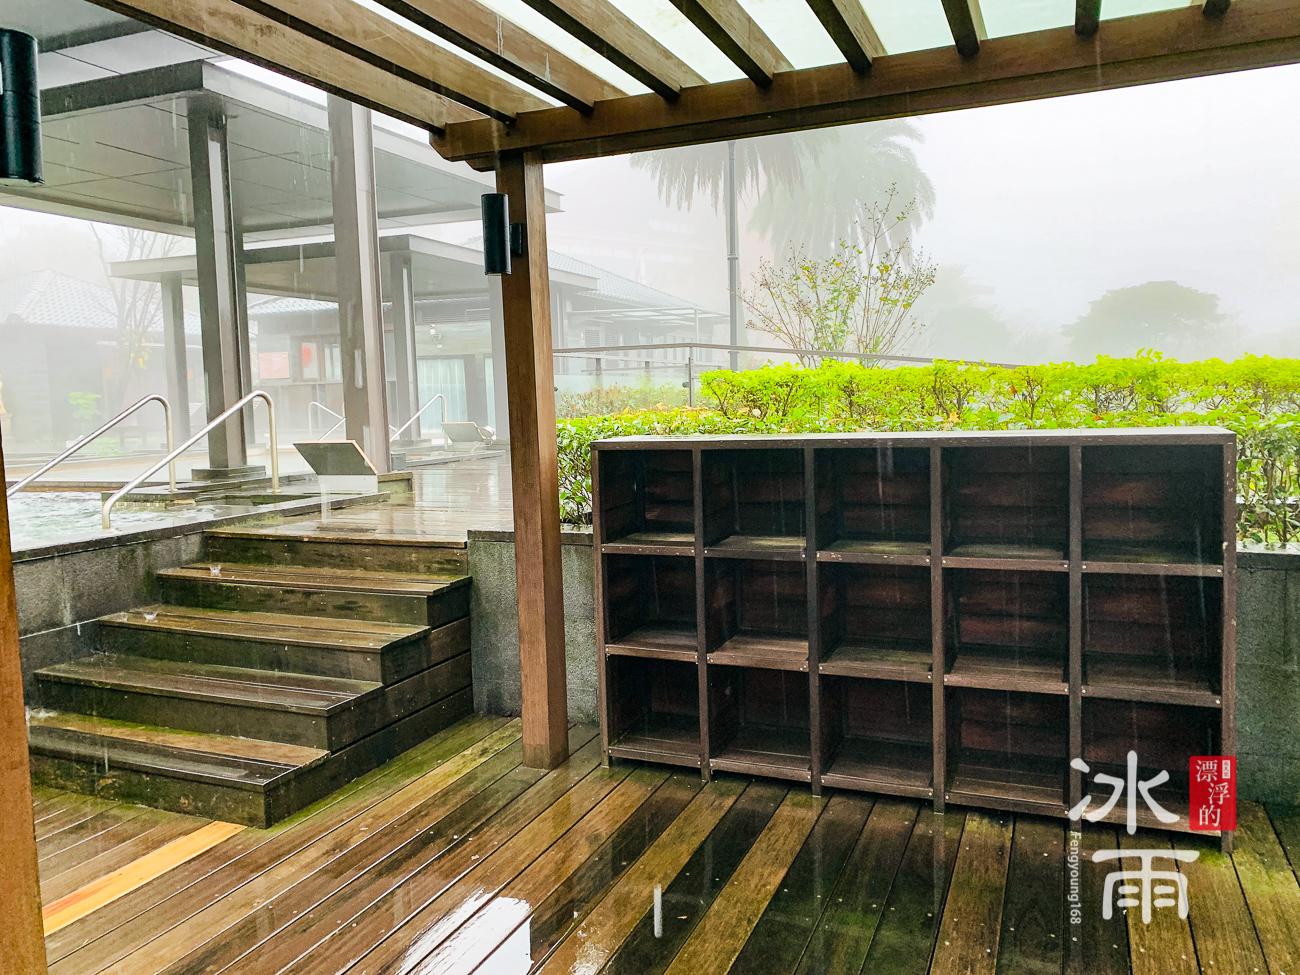 陽明山天籟溫泉會館|露天風呂置物櫃